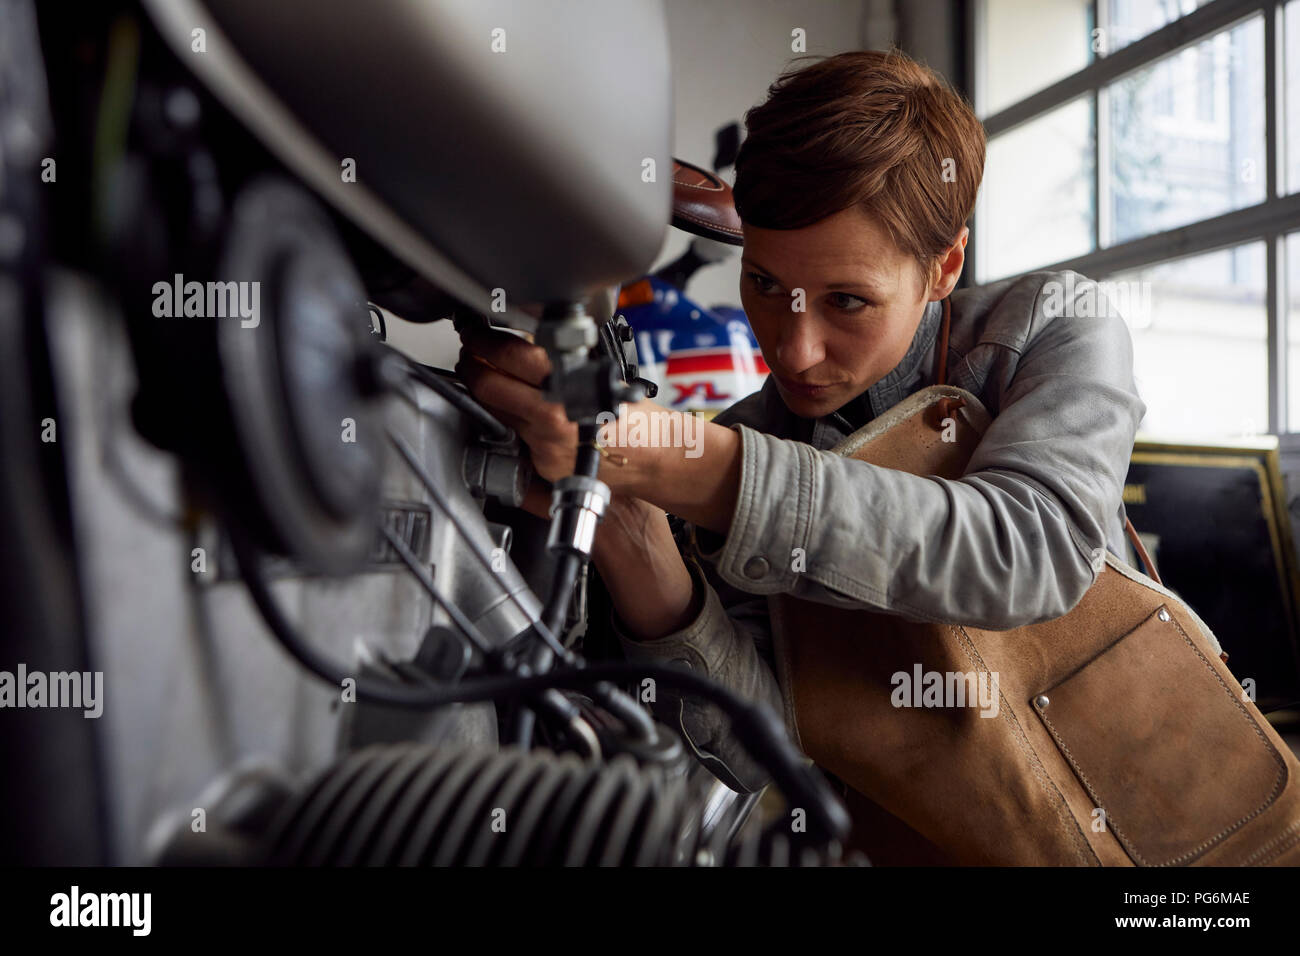 Woman working in repair workshop - Stock Image